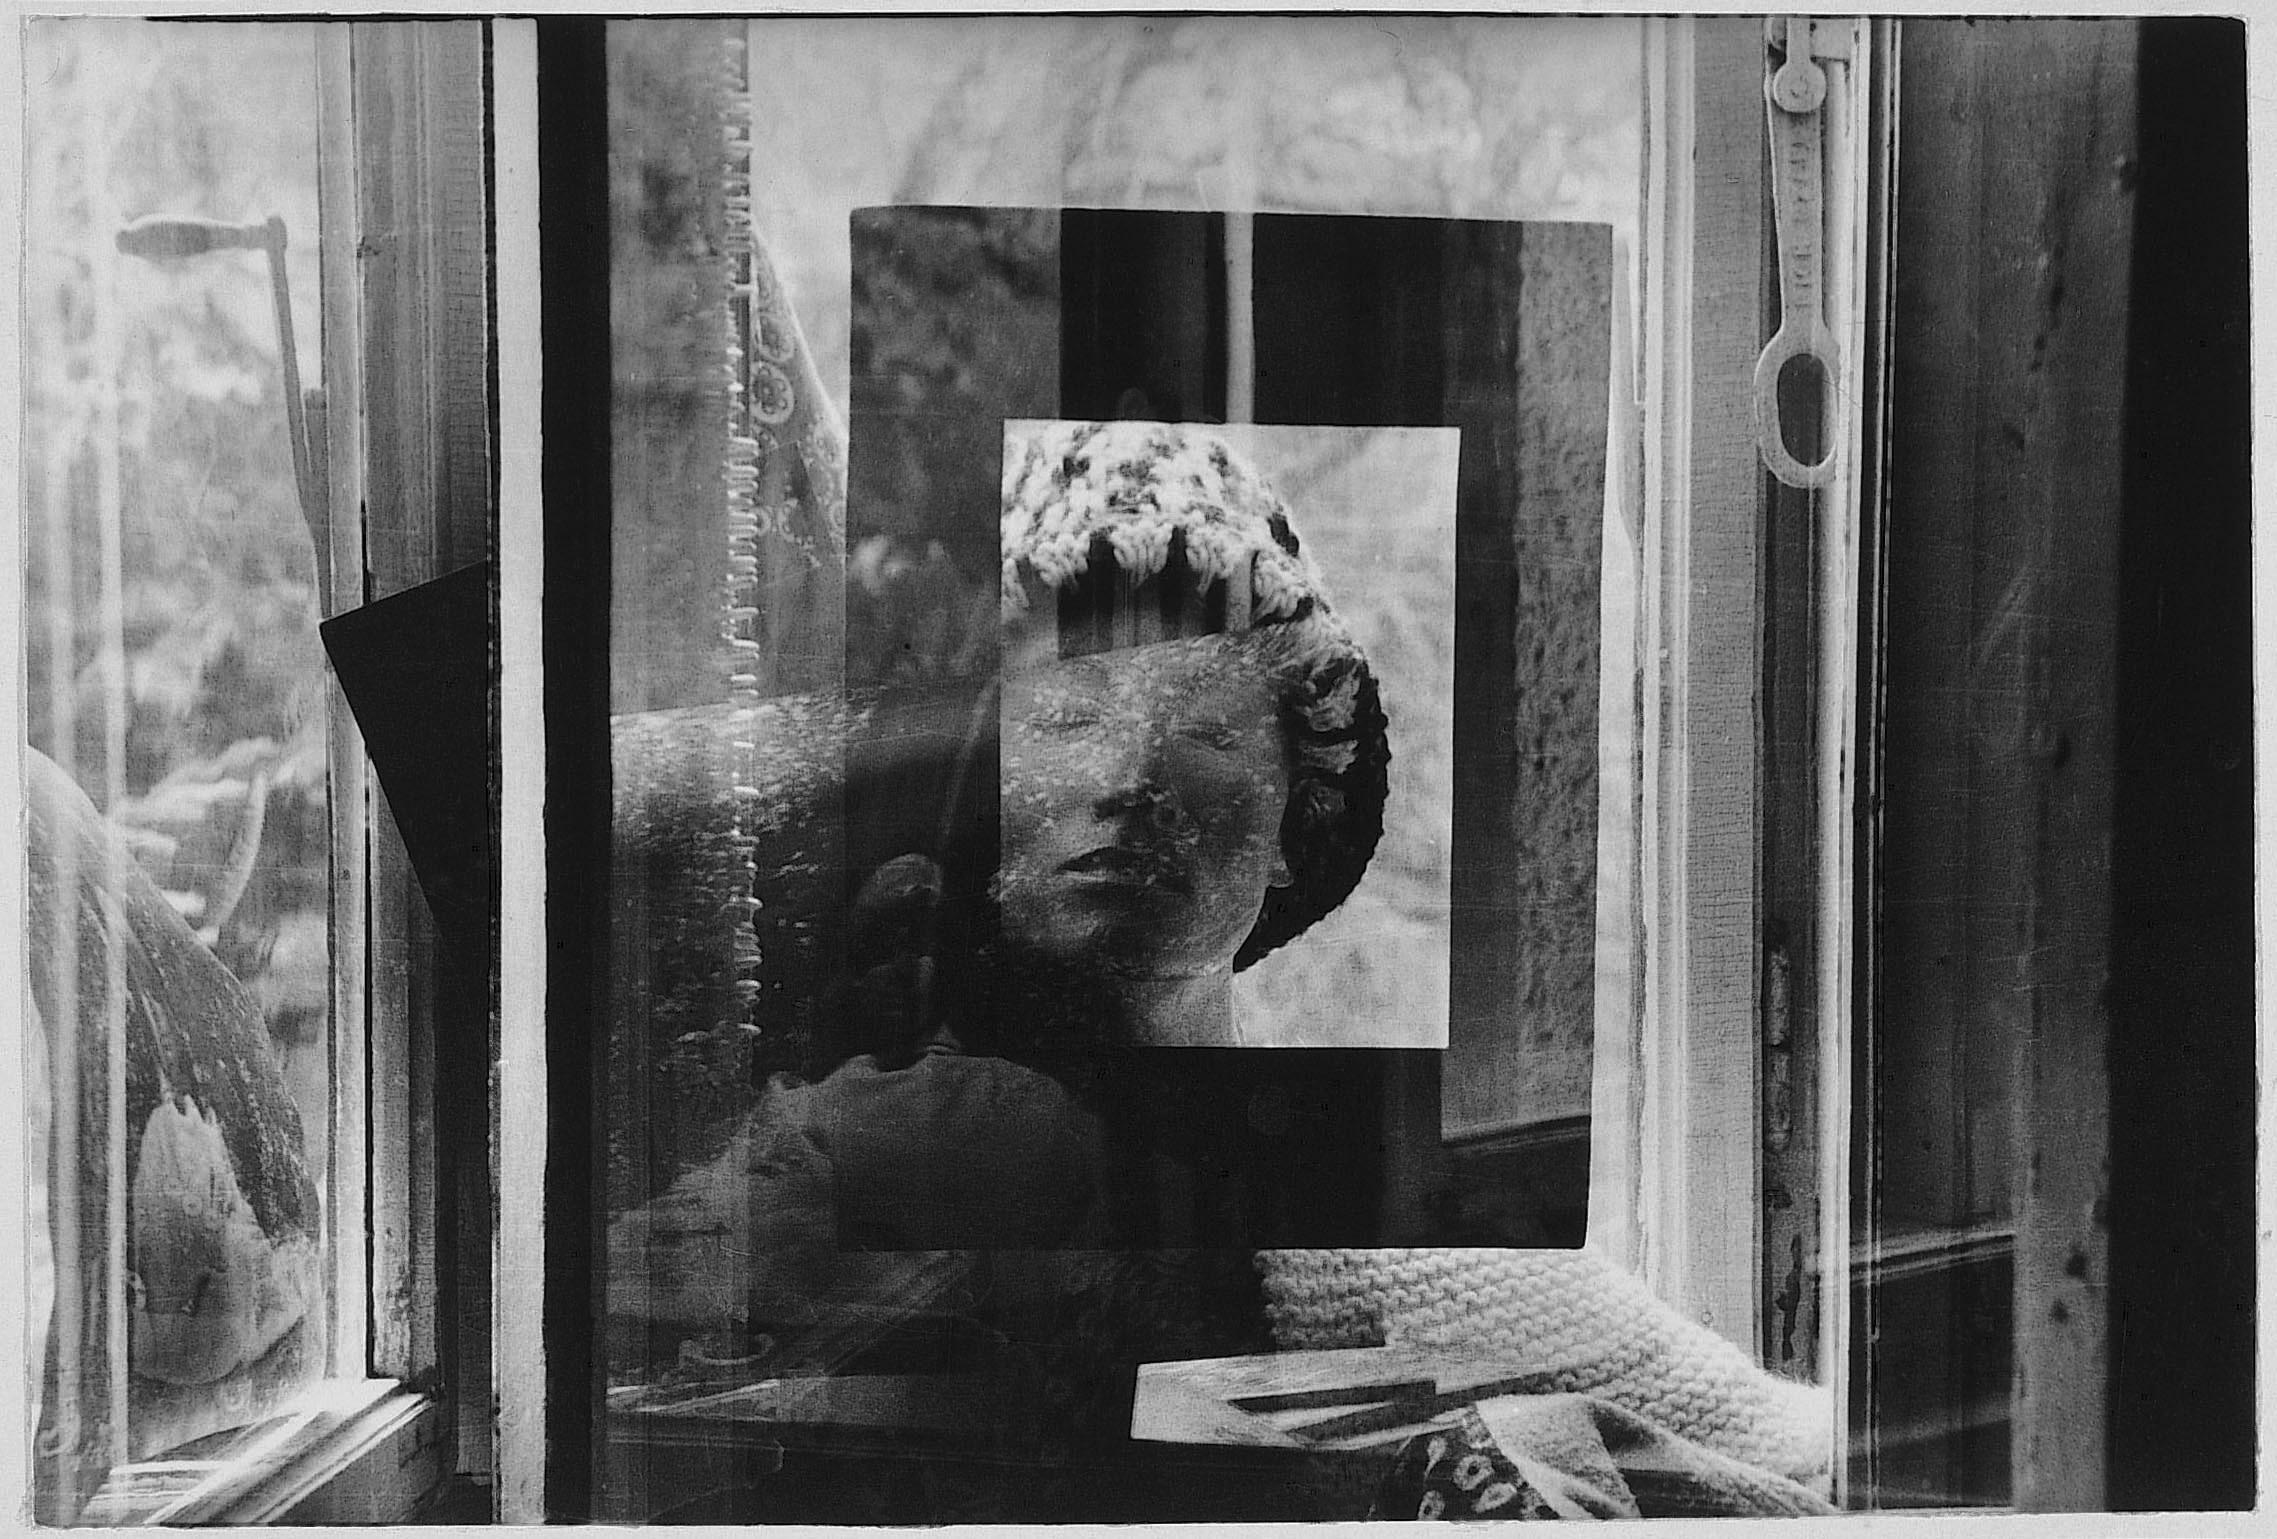 Fotó: Jovánovics György: Liza Wiathruck: Holos Graphos, 1976. 44 – A képvákuum szívó hatása